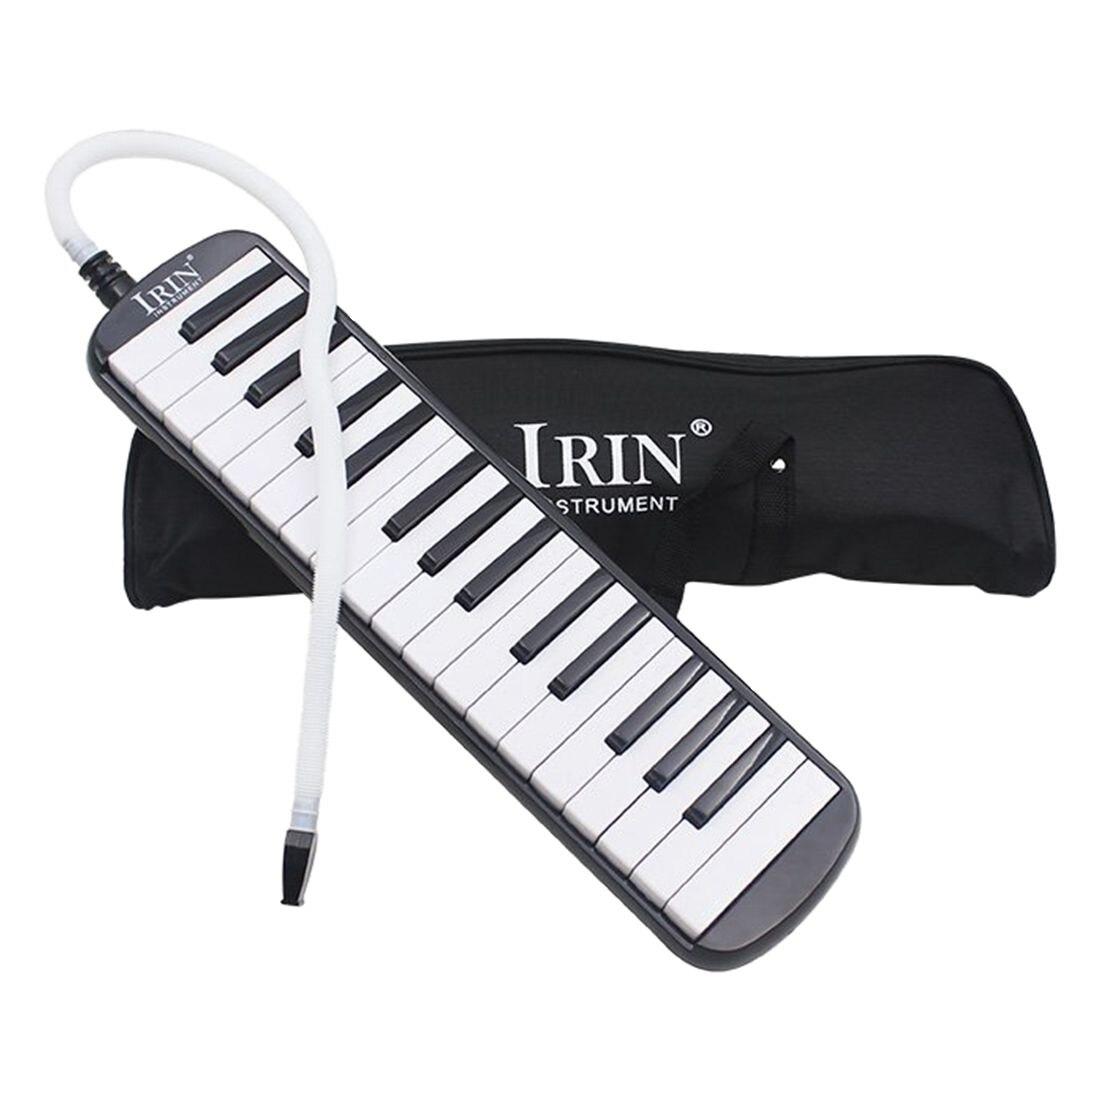 IRIN 1 satz 32 Schlüssel Klavier Stil Melodica Mit Box Orgel Akkordeon Mund Stück Schlag Key Board (Schwarz)